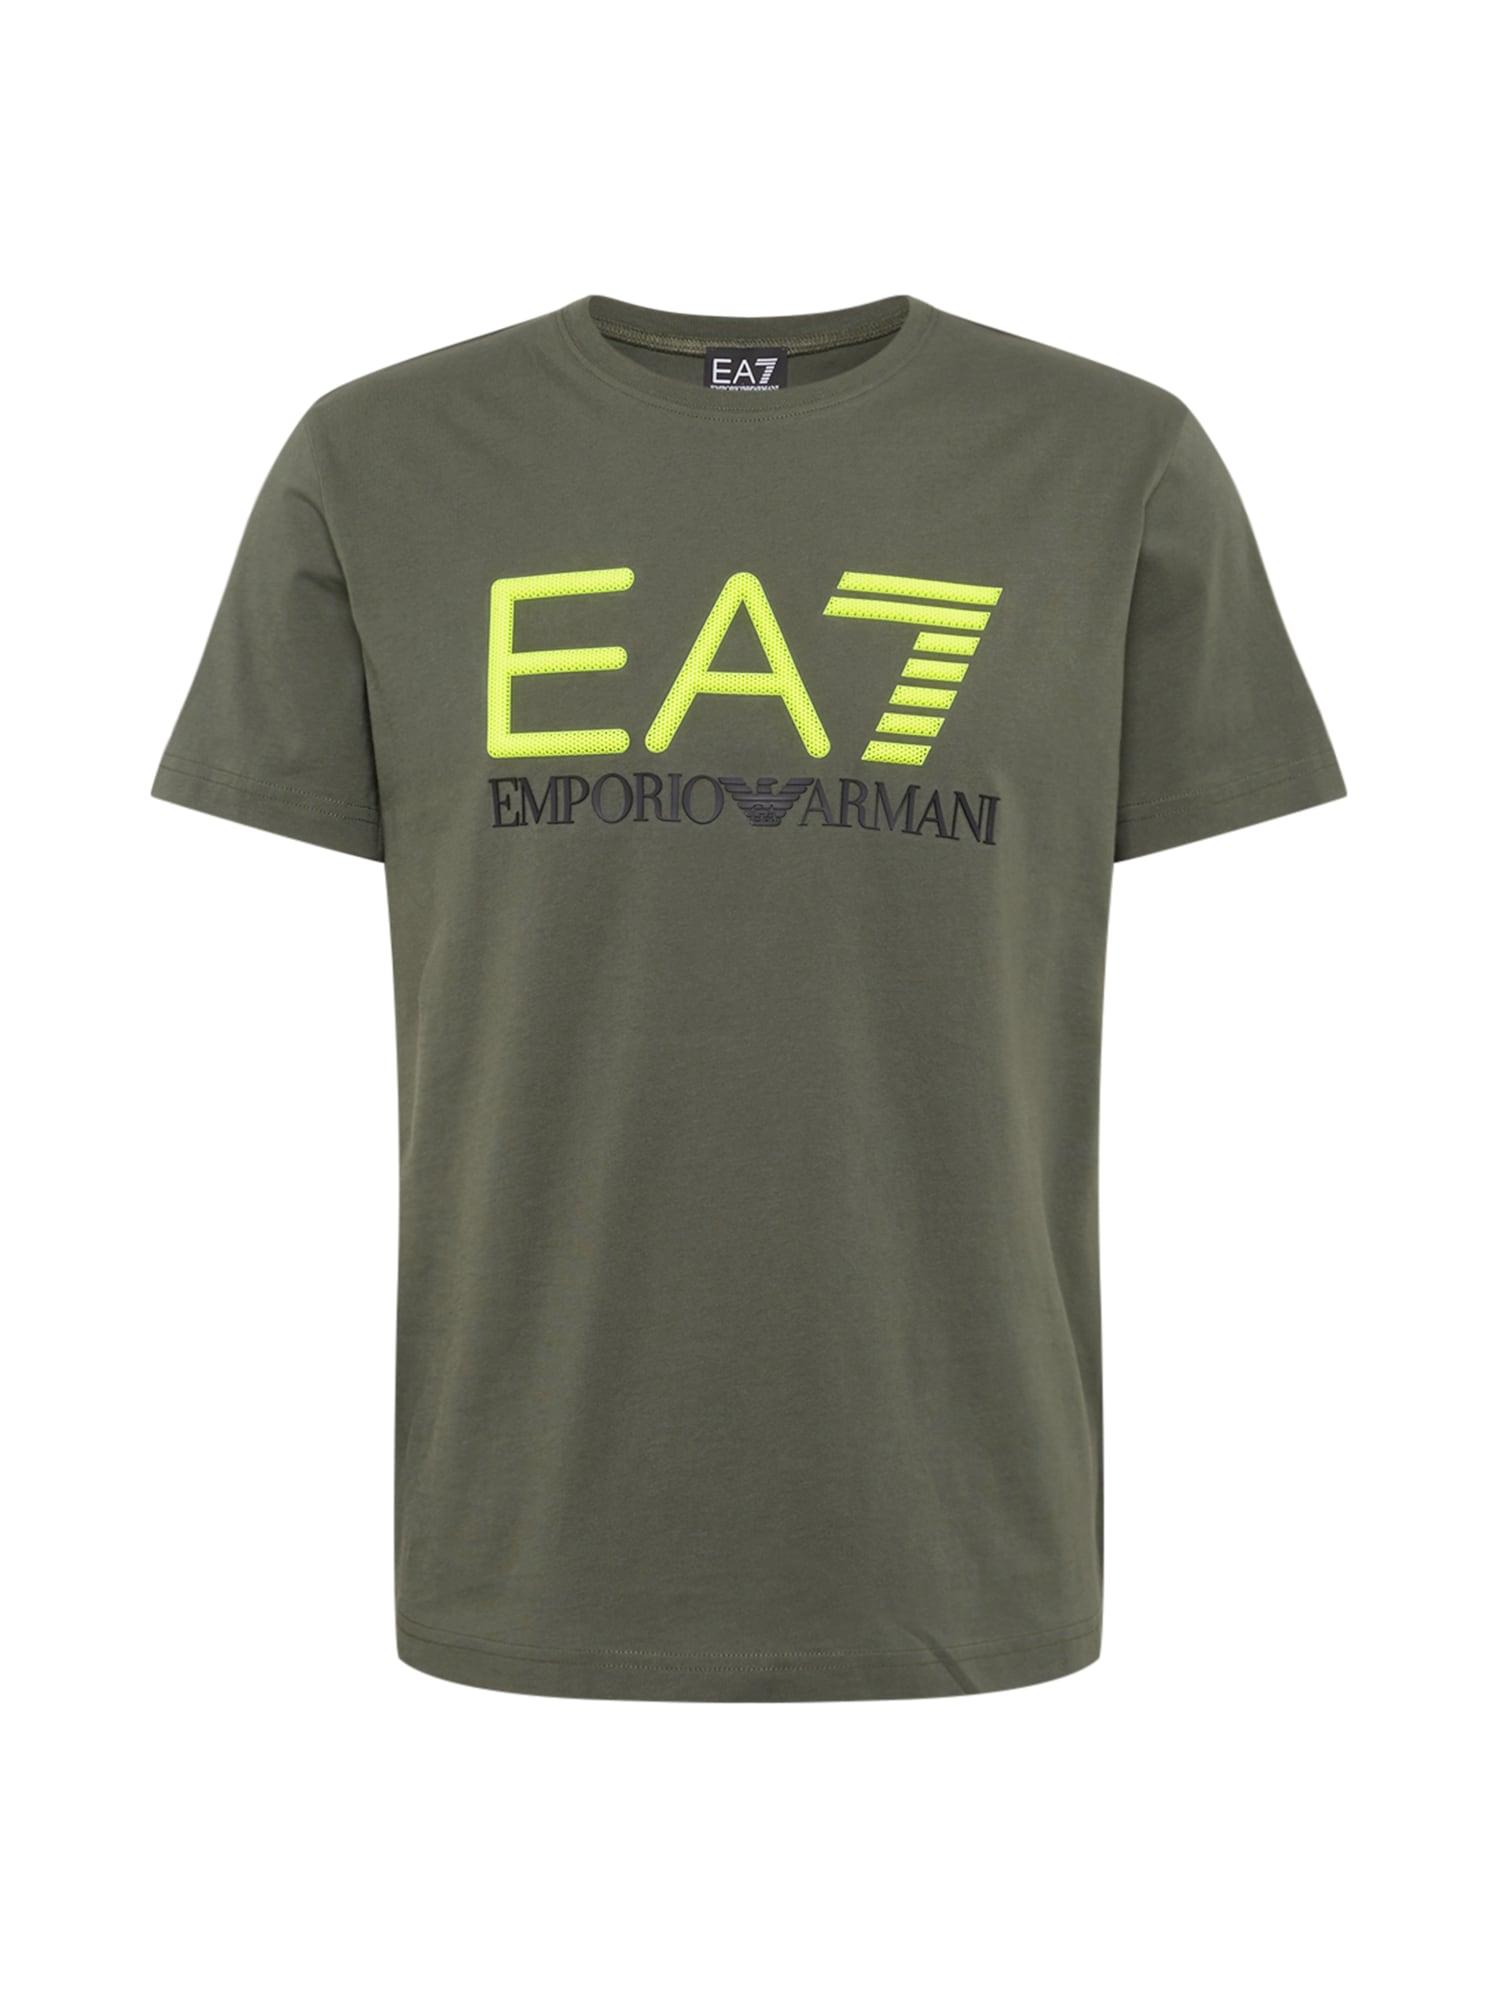 EA7 Emporio Armani Marškinėliai alyvuogių spalva / obuolių spalva